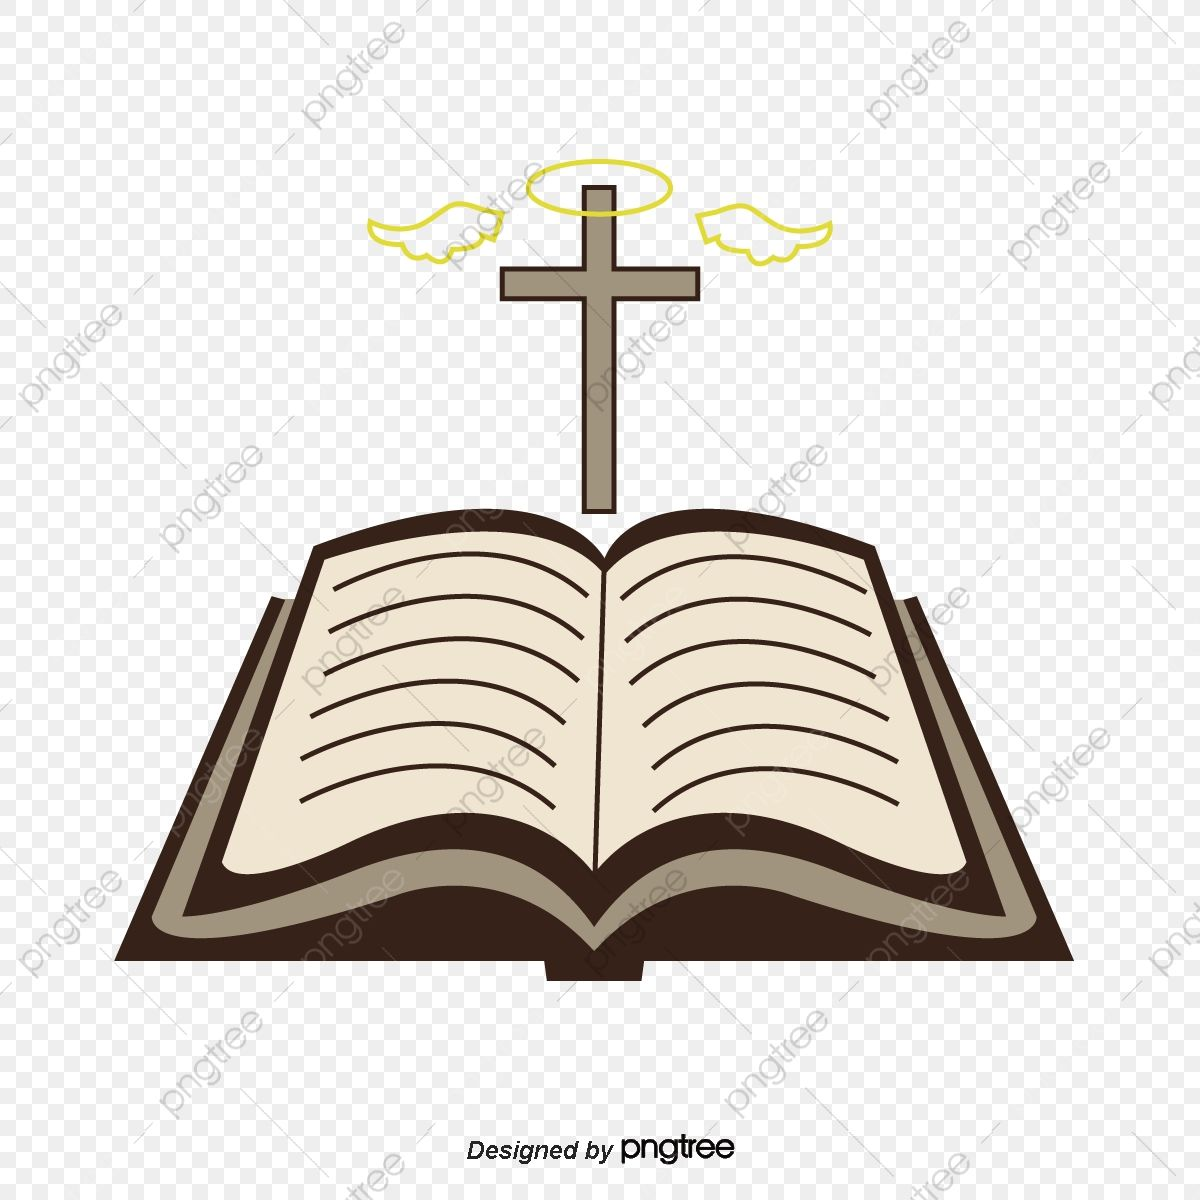 Gambar Menyebarkan Sayap Salib Alkitab Bible Menyeberang Sayap Png Dan Clipart Untuk Muat Turun Percuma Alkitab Sayap Png Gambar